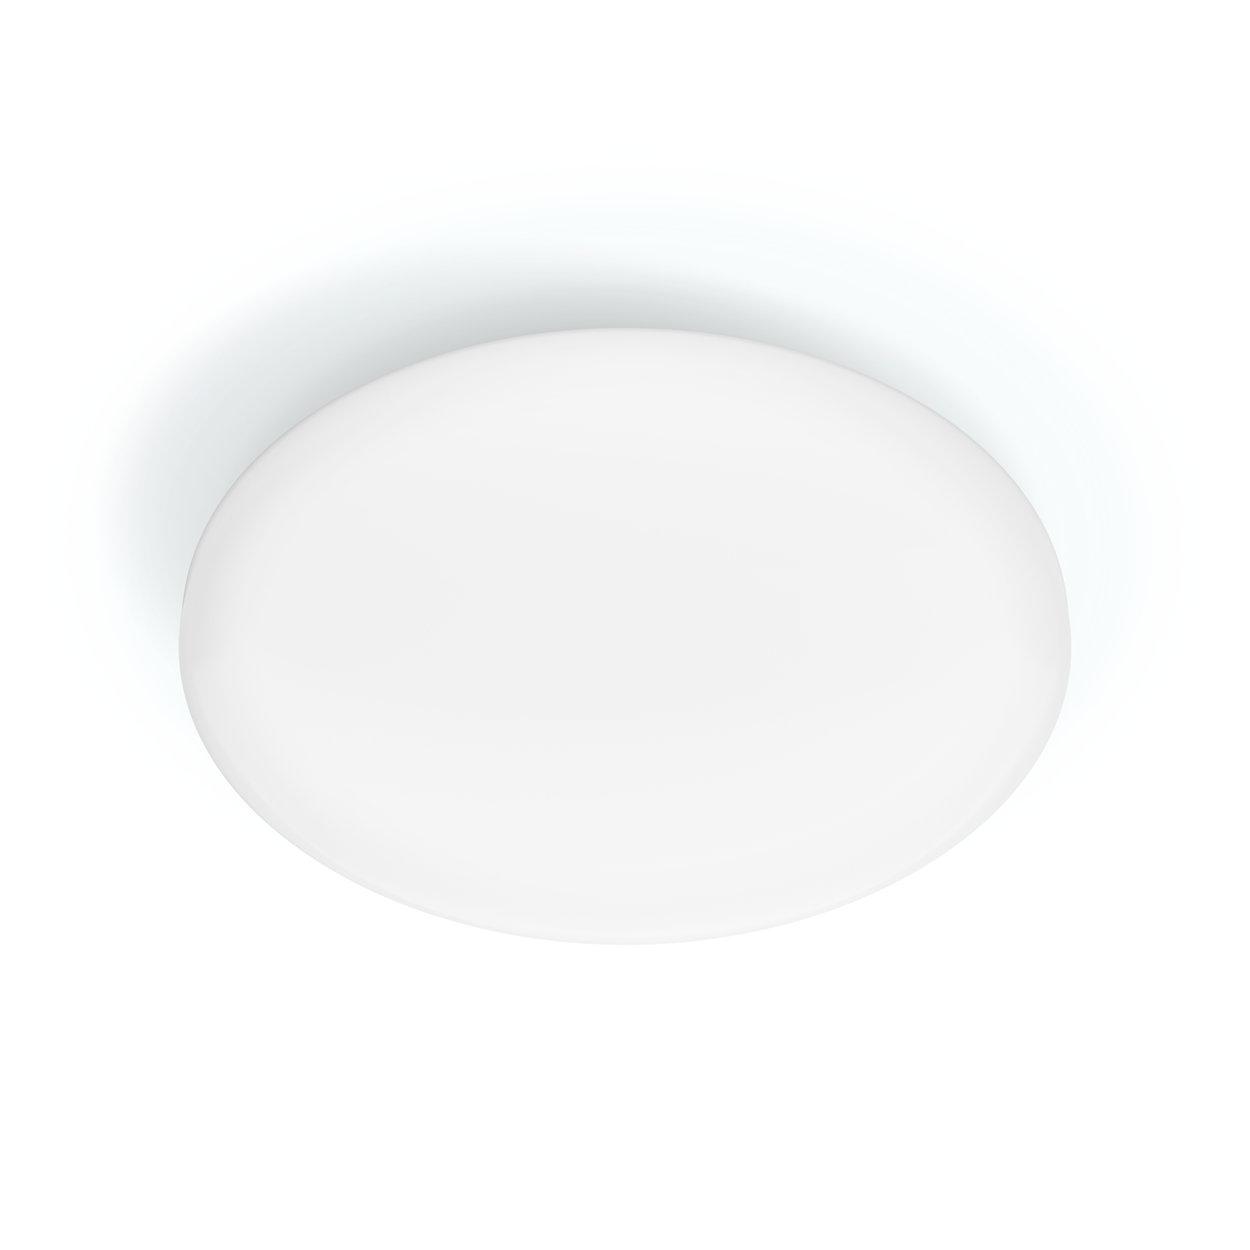 高品质 LED 灯经过精心设计,使用寿命长达数年